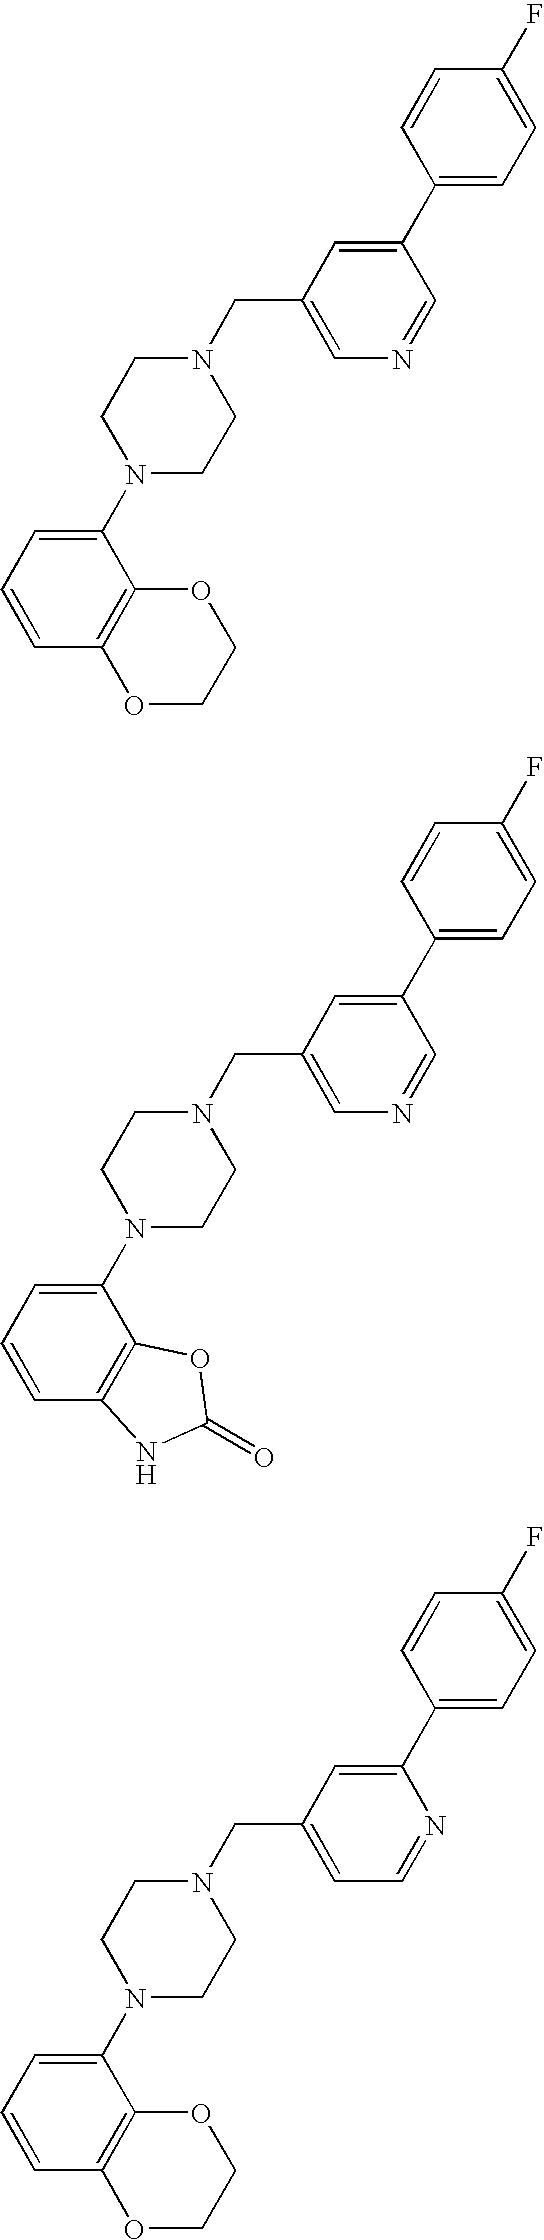 Figure US20100009983A1-20100114-C00164